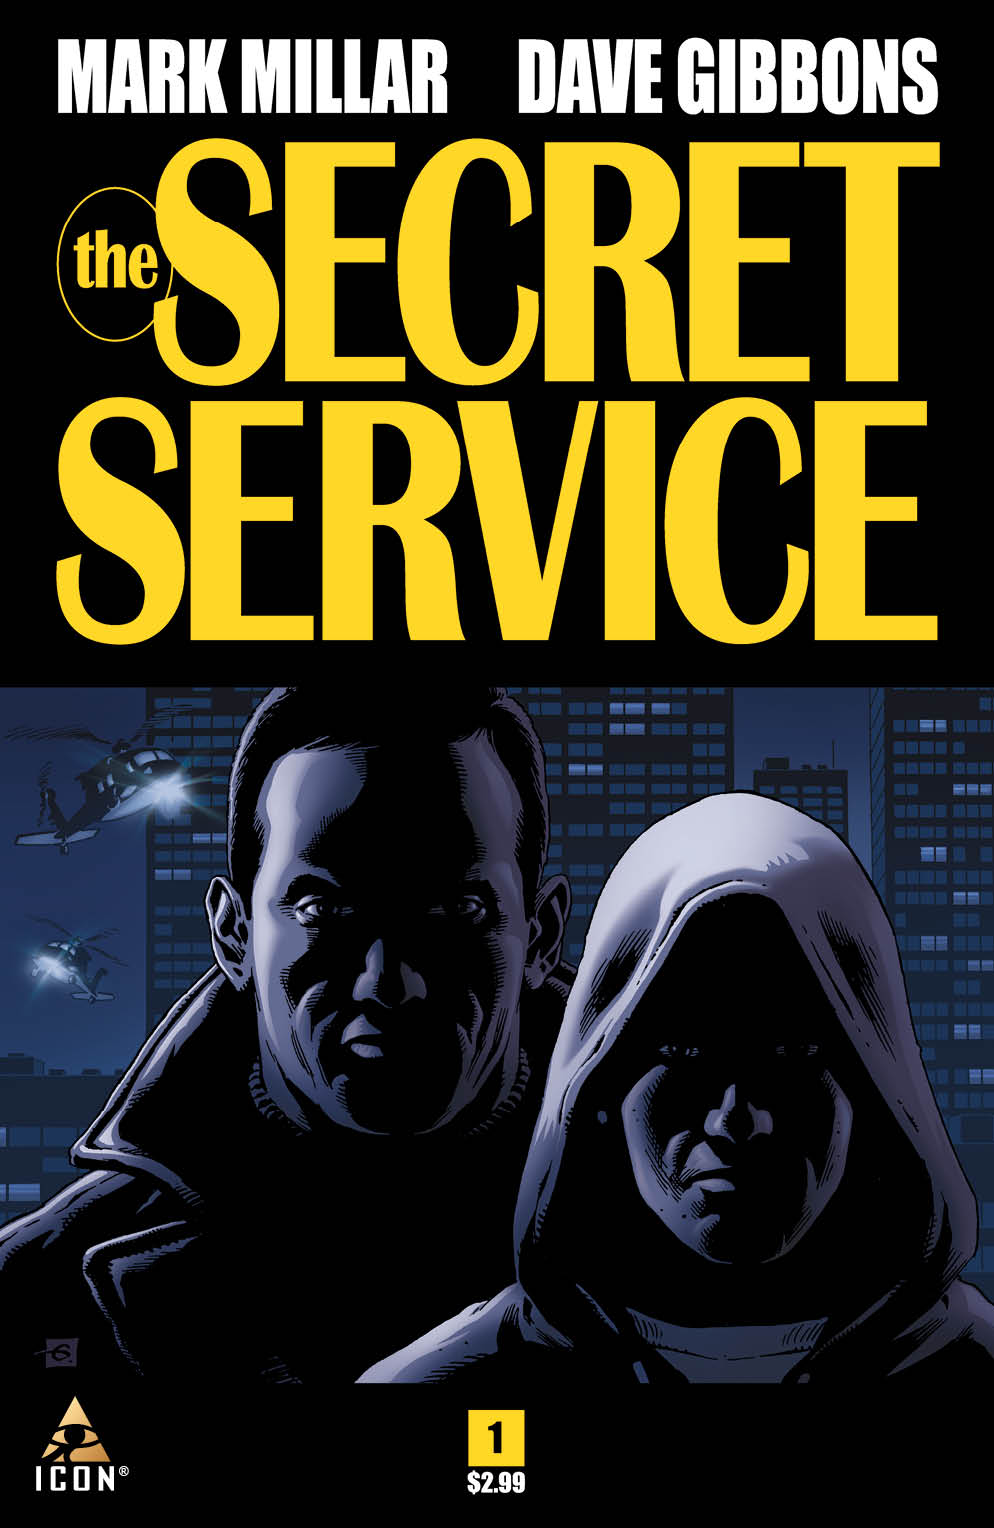 the-secret-service-comic-book-cover